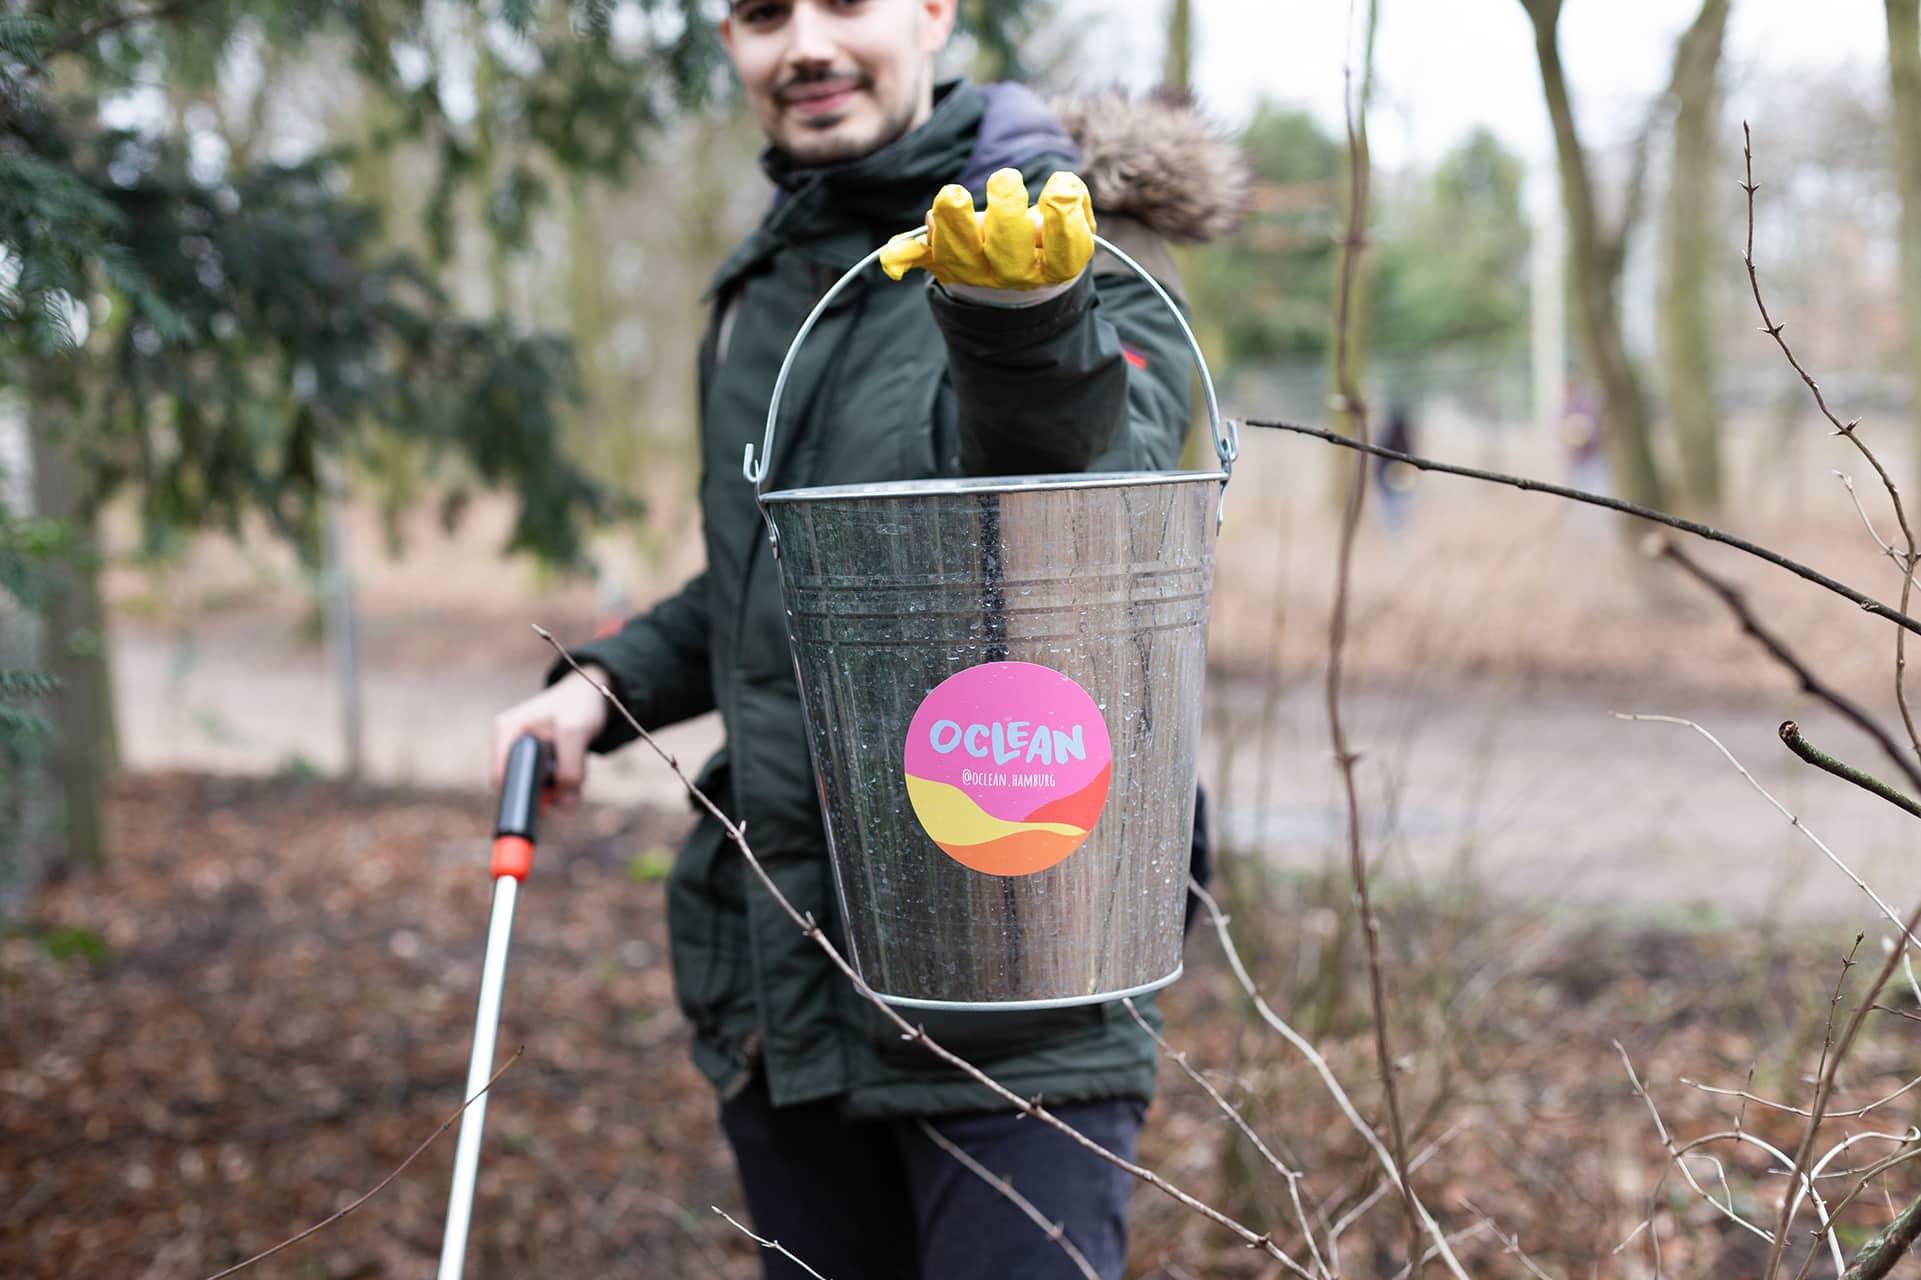 Oclean Hamburg Cleanup - Für ein sauberes Hamburg: Oclean gegen Plastik